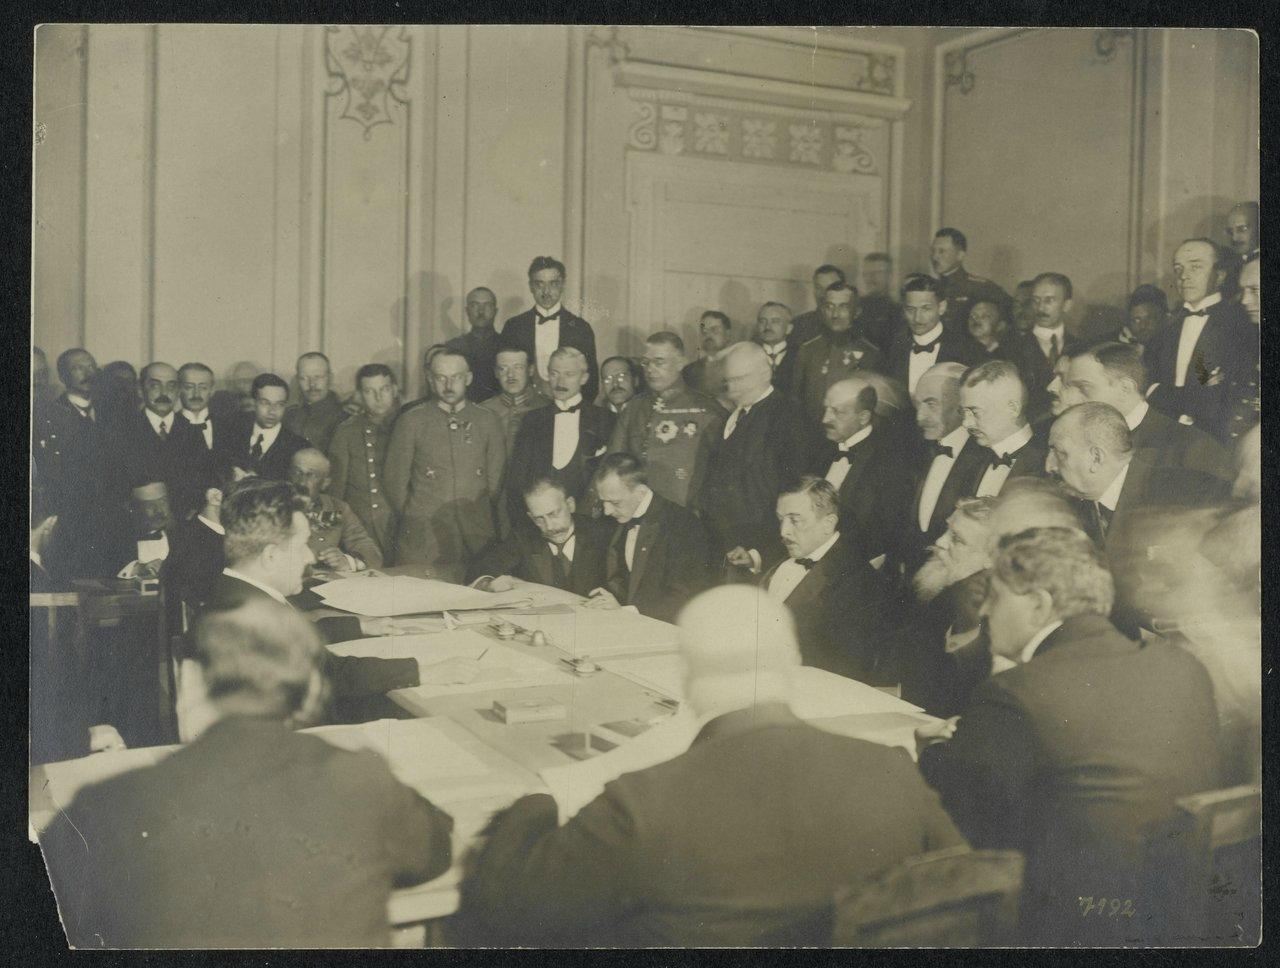 15Подписание мирного договора с Украиной. В середине сидит, слева направо граф Оттокар Чернин фон унд цу Худениц, генерал Макс фон Гофман, Рихард фон Кюльман, премьер-министр В.Родославов, великий визирь Мехмет Талаат-паша